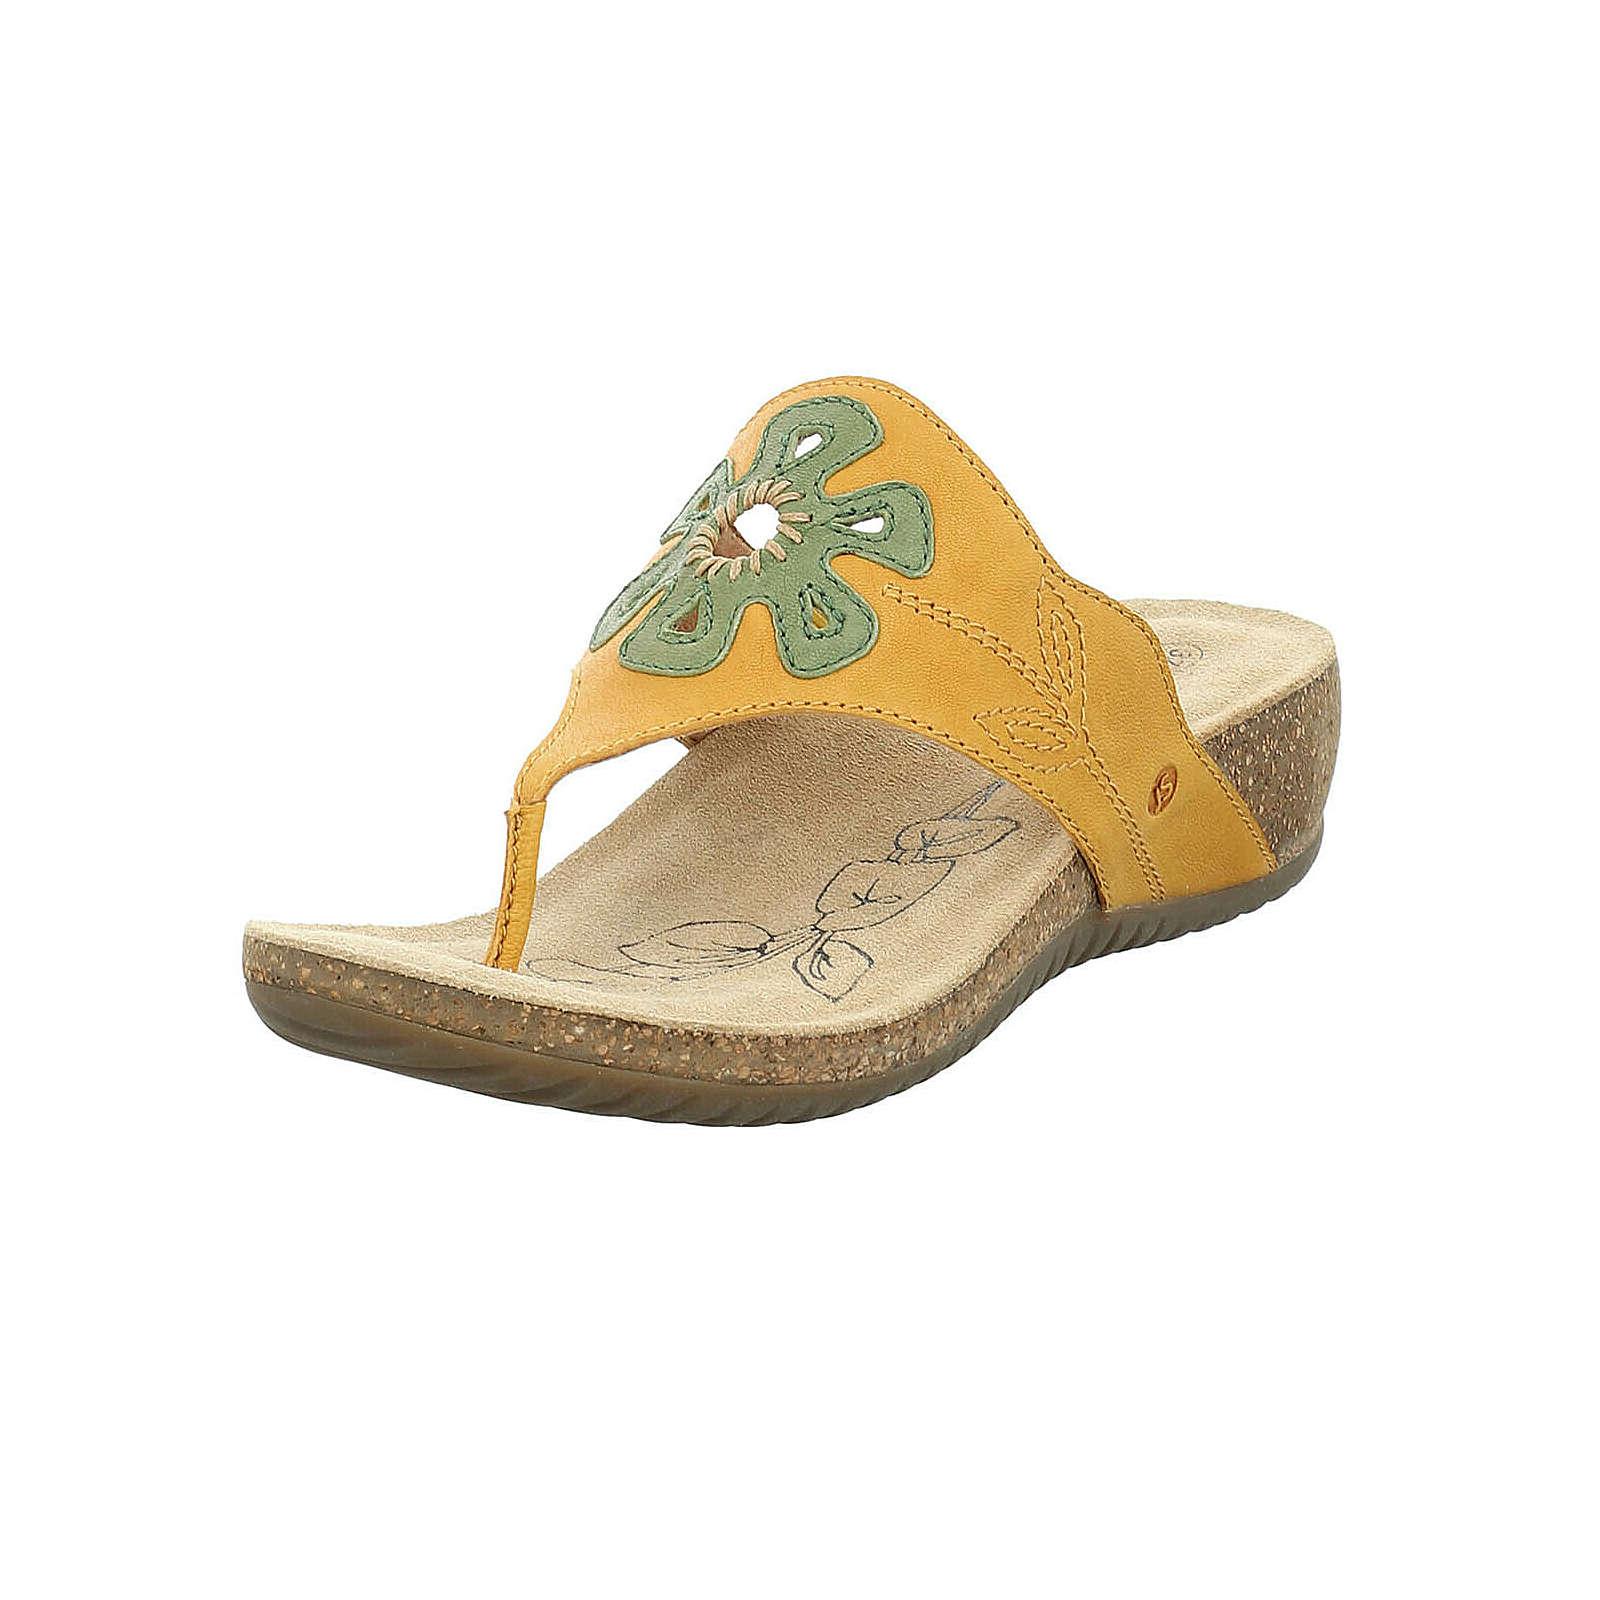 Artikel klicken und genauer betrachten! - Der bequeme Damen-Zehentrenner der Marke Josef Seibel aus Leder wird von nun an Ihr ständiger Begleiter sein. Die Decksohle aus Rindsvelour ist hochwertig verarbeitet und bietet optimalen Komfort. Der Schuh verfügt über eine Weite G, ideal für den ganz normalen Fuß. Der Keilabsatz hat eine Absatzhöhe von 4 cm. Die stabile Laufsohle ist aus Gummi/Kork, diese Sohle ist robust, stabil und strapazierfähig.   im Online Shop kaufen